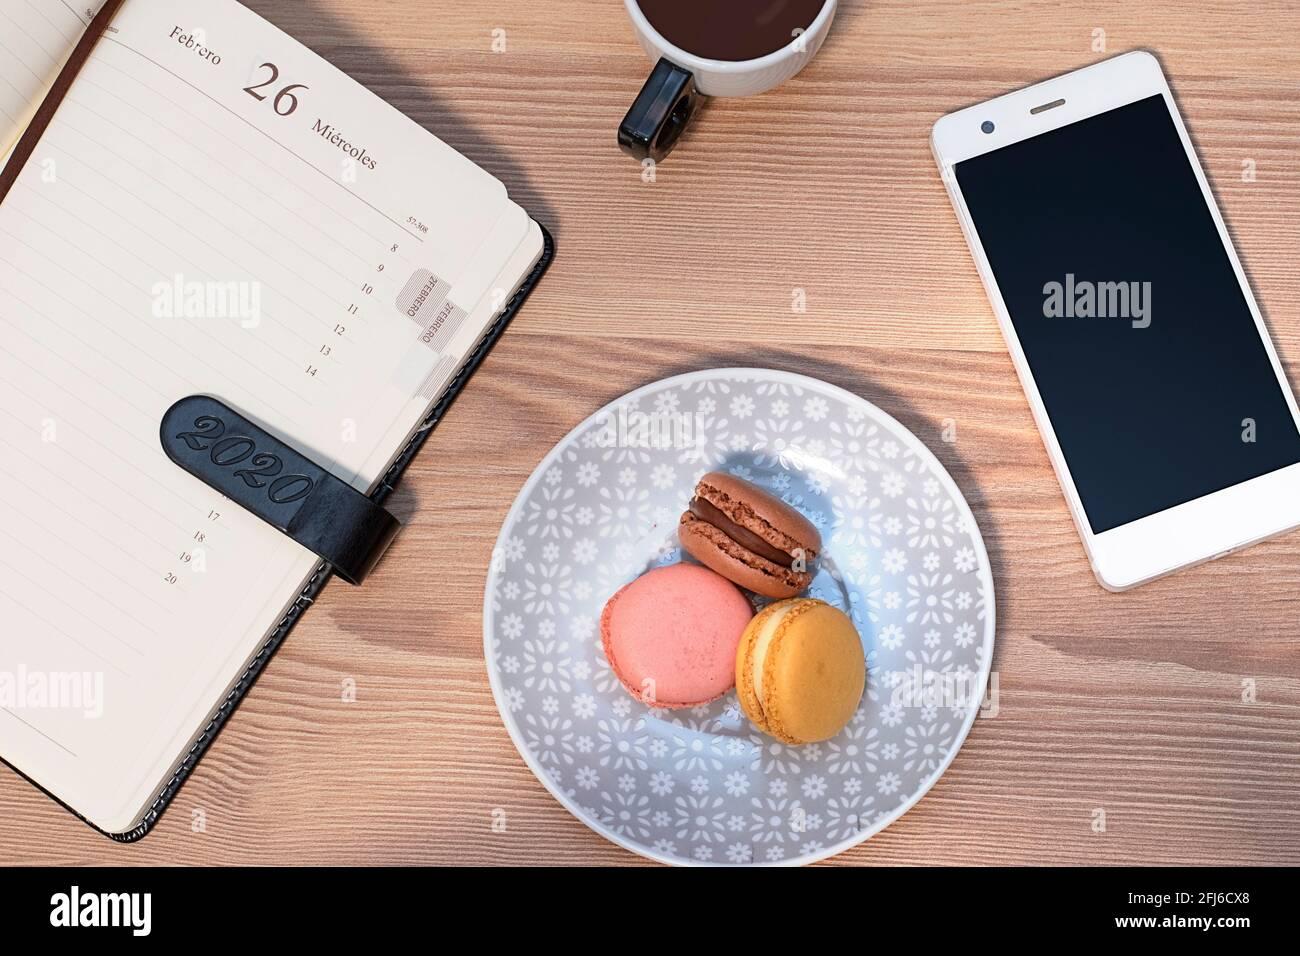 foto cenital de sabrosas macarrones, taza de café, diario y teléfono móvil sobre una mesa de madera Foto de stock